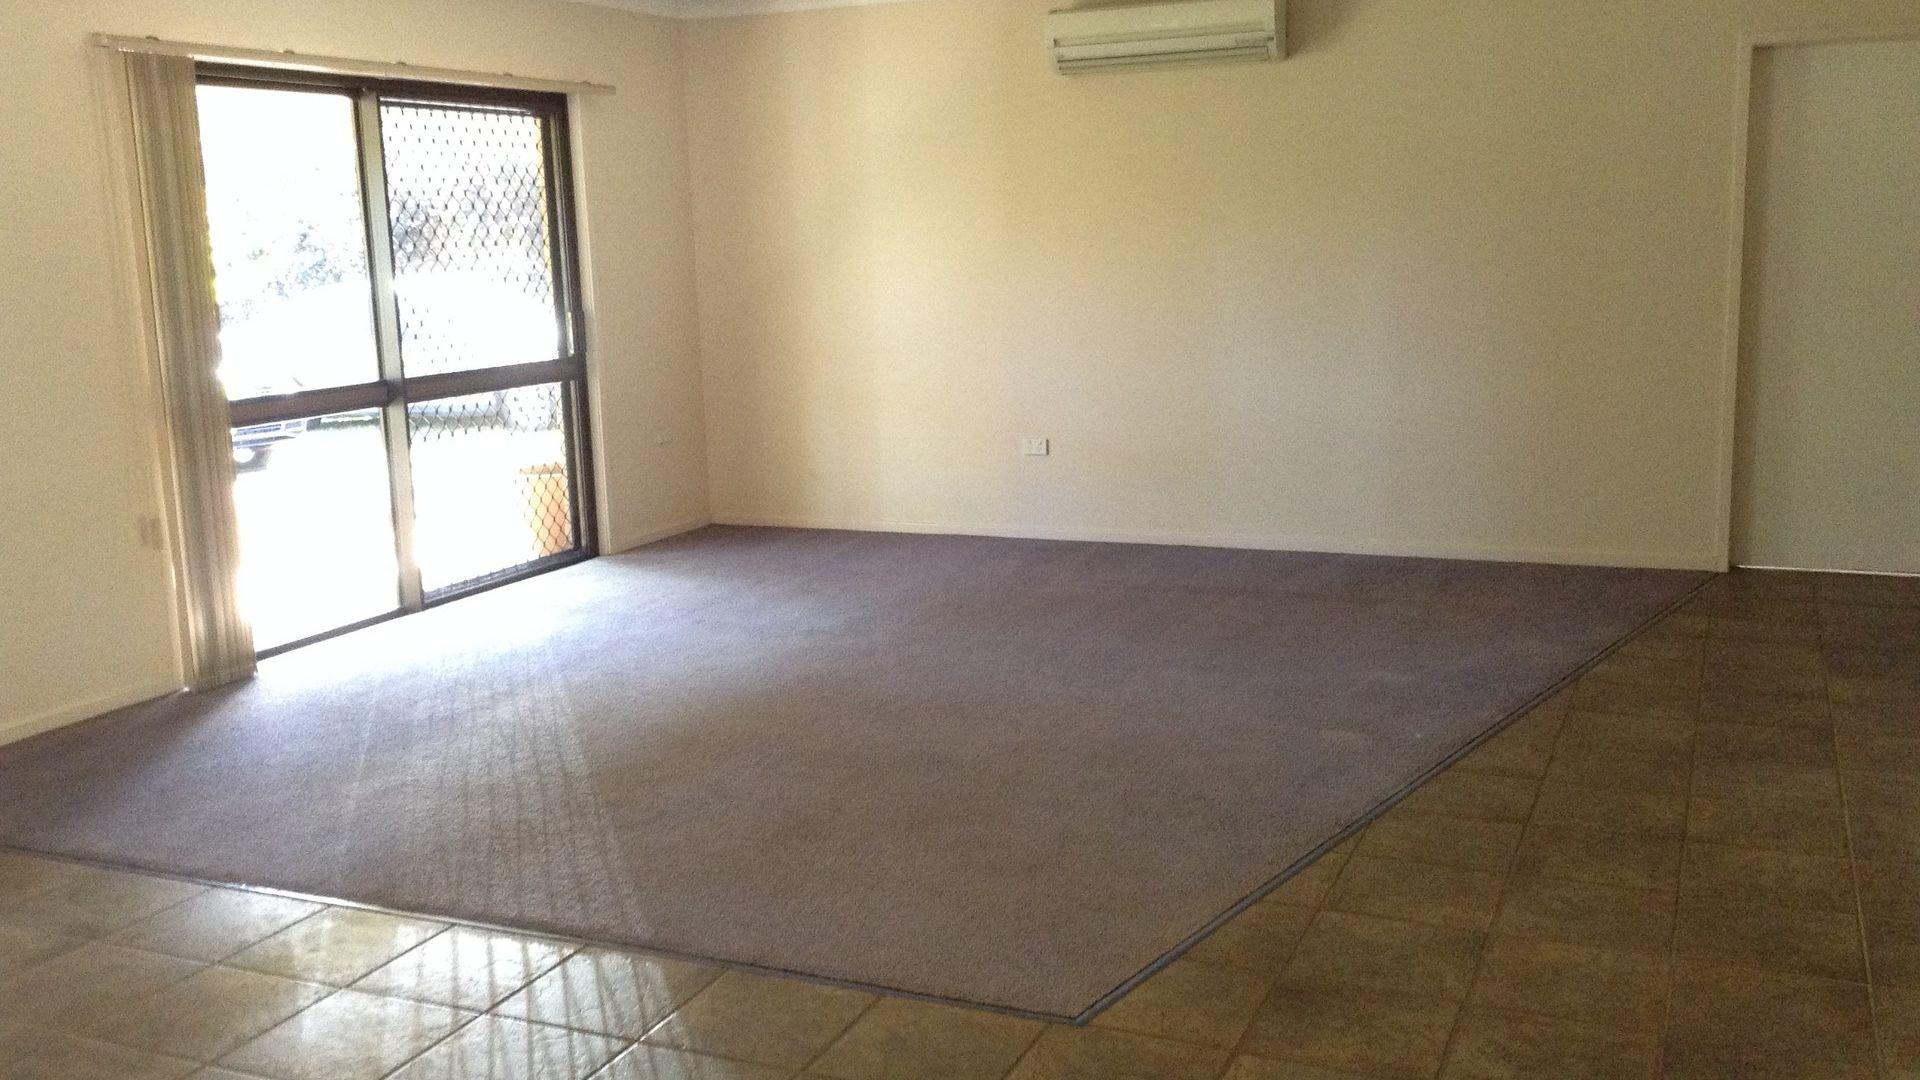 225 Lismore Road, Bangalow NSW 2479, Image 1